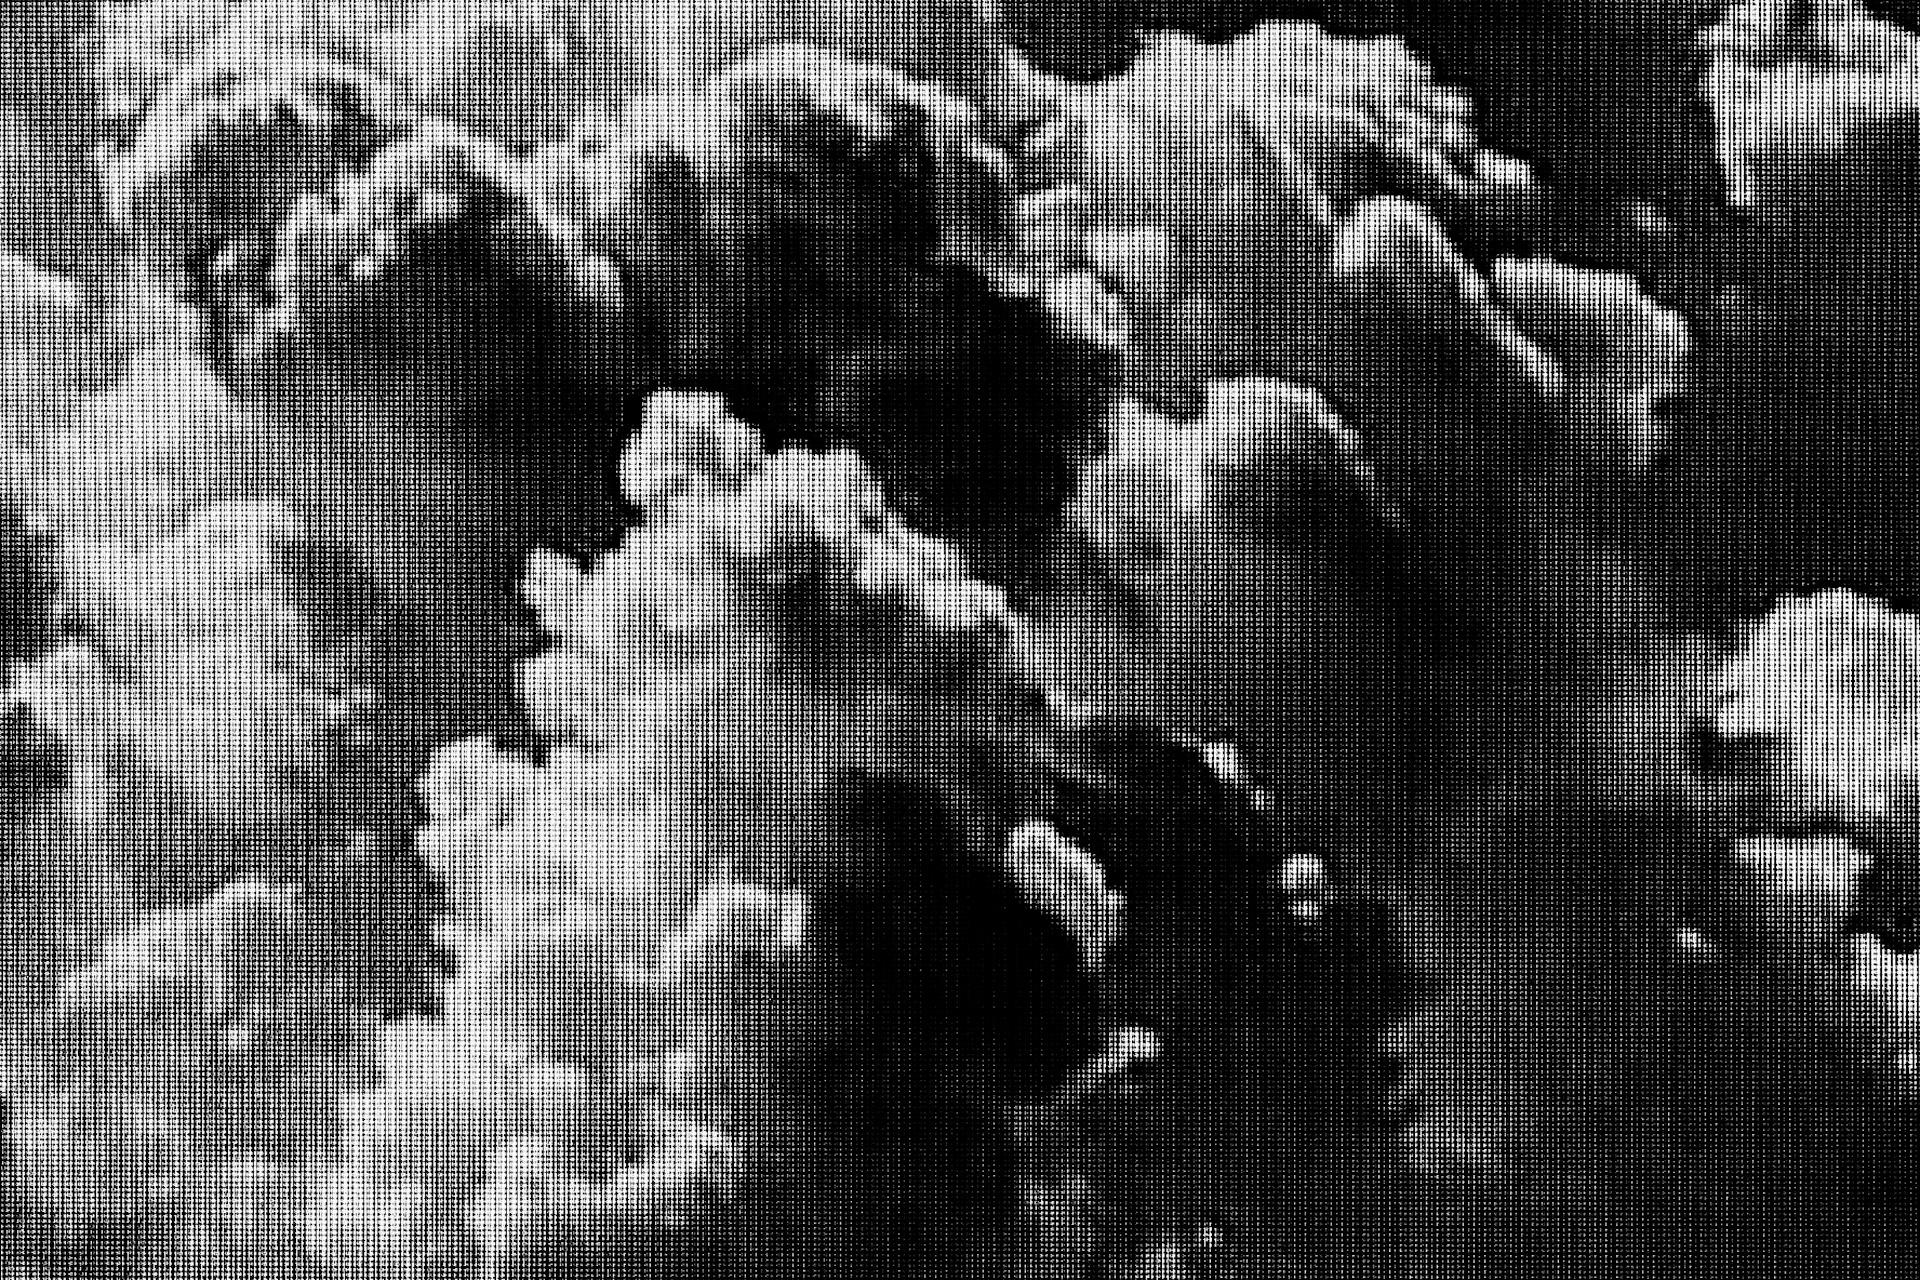 Adrien Tomaz, 2015 - Tirages Piezo charbon, papier Fine Art. Dimensions variables. Photographies numériques prises sur un écran de télévision LCD.